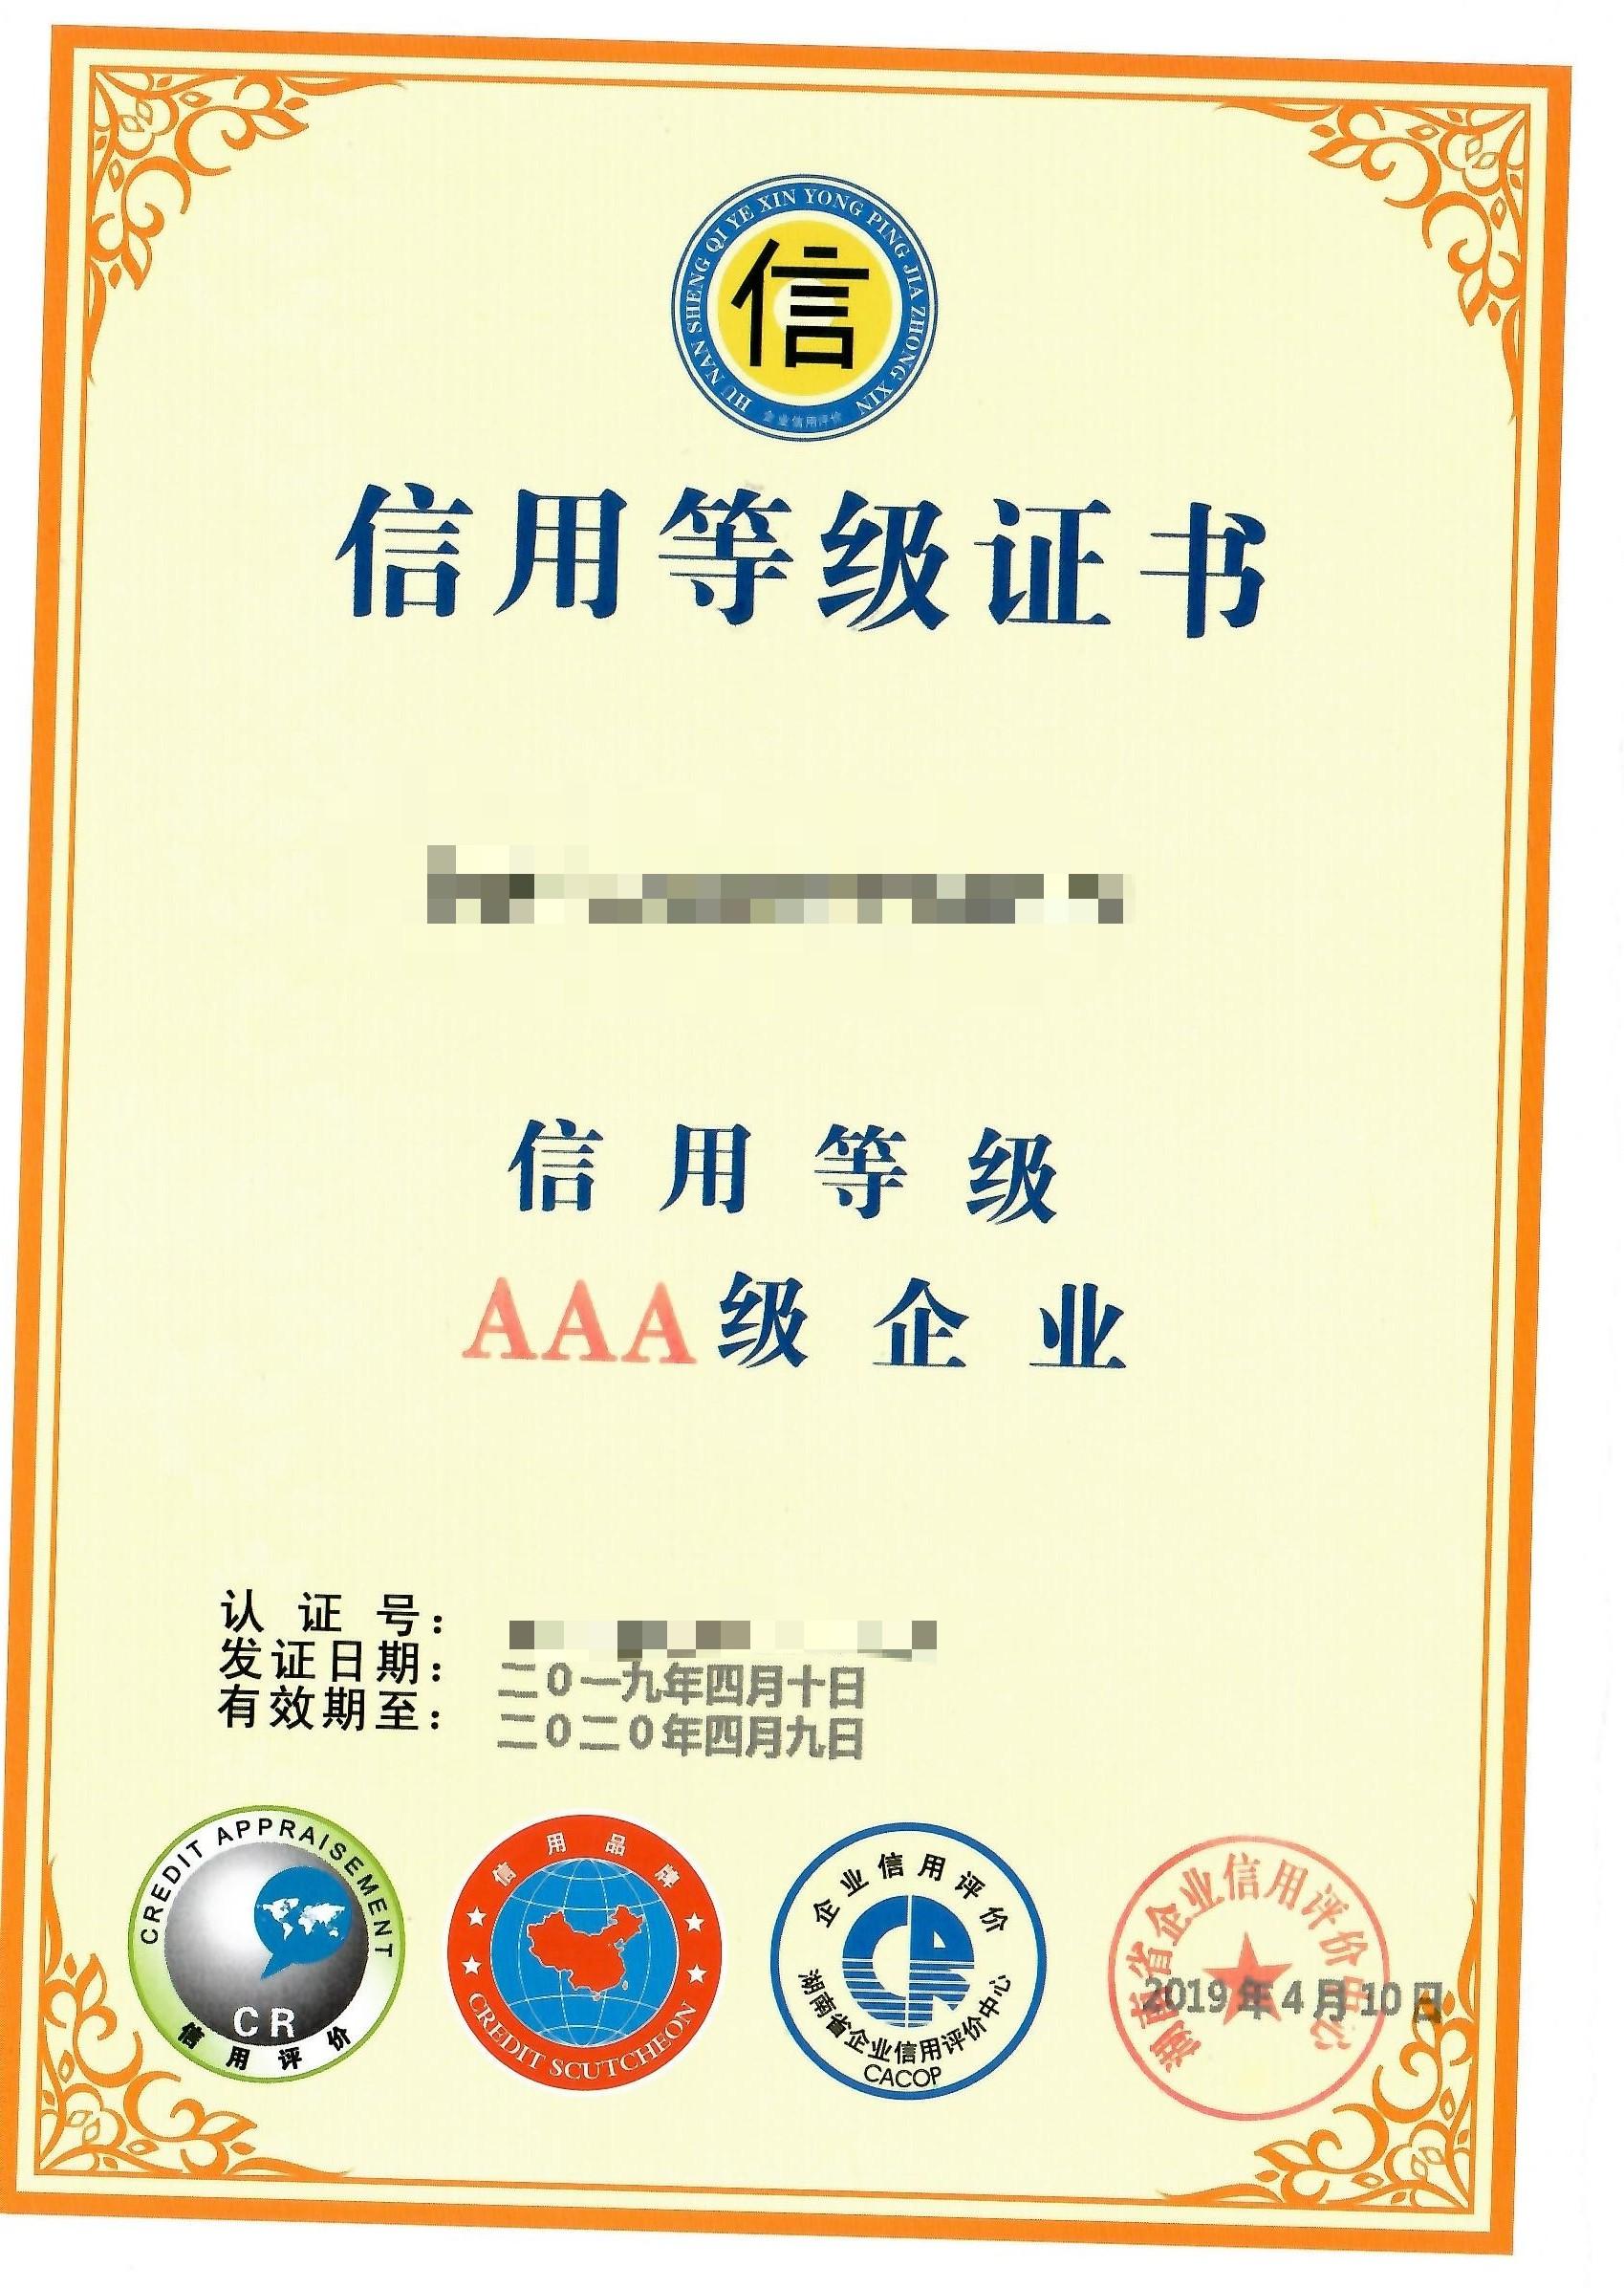 AAA信用評級